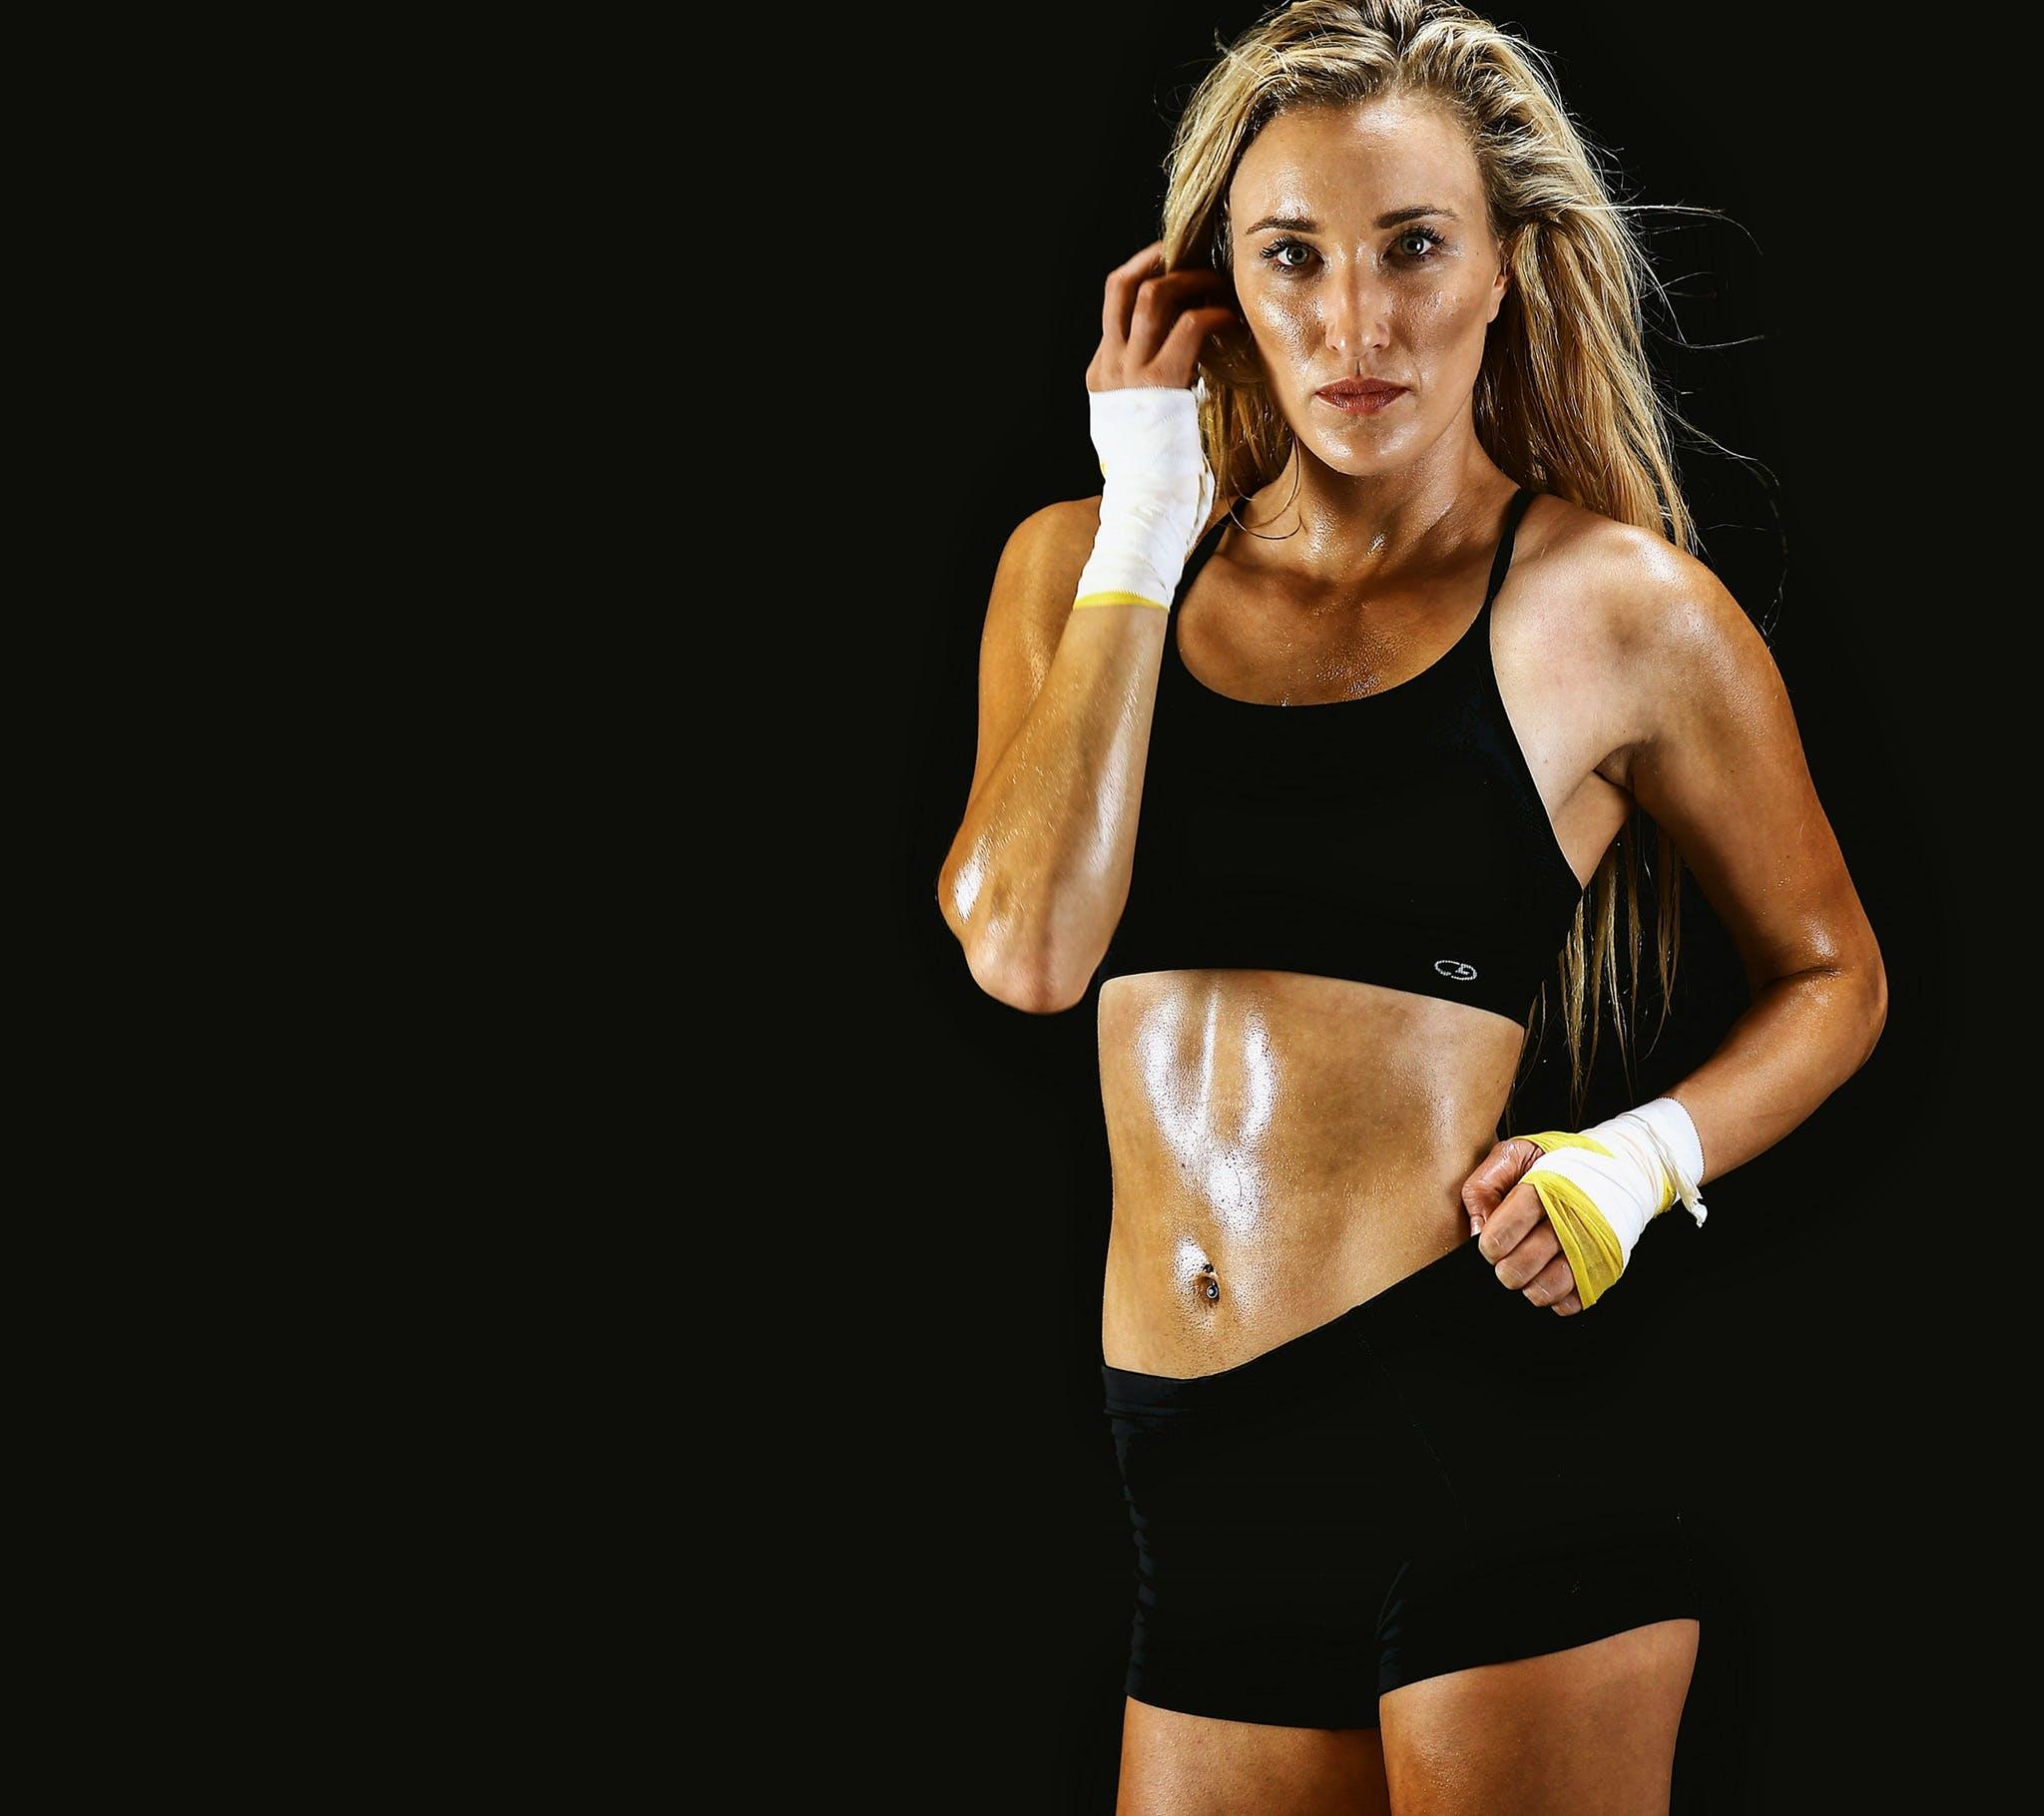 Kostenloses Stock Foto zu athlet, ausbildung, bizeps, bodybuilder